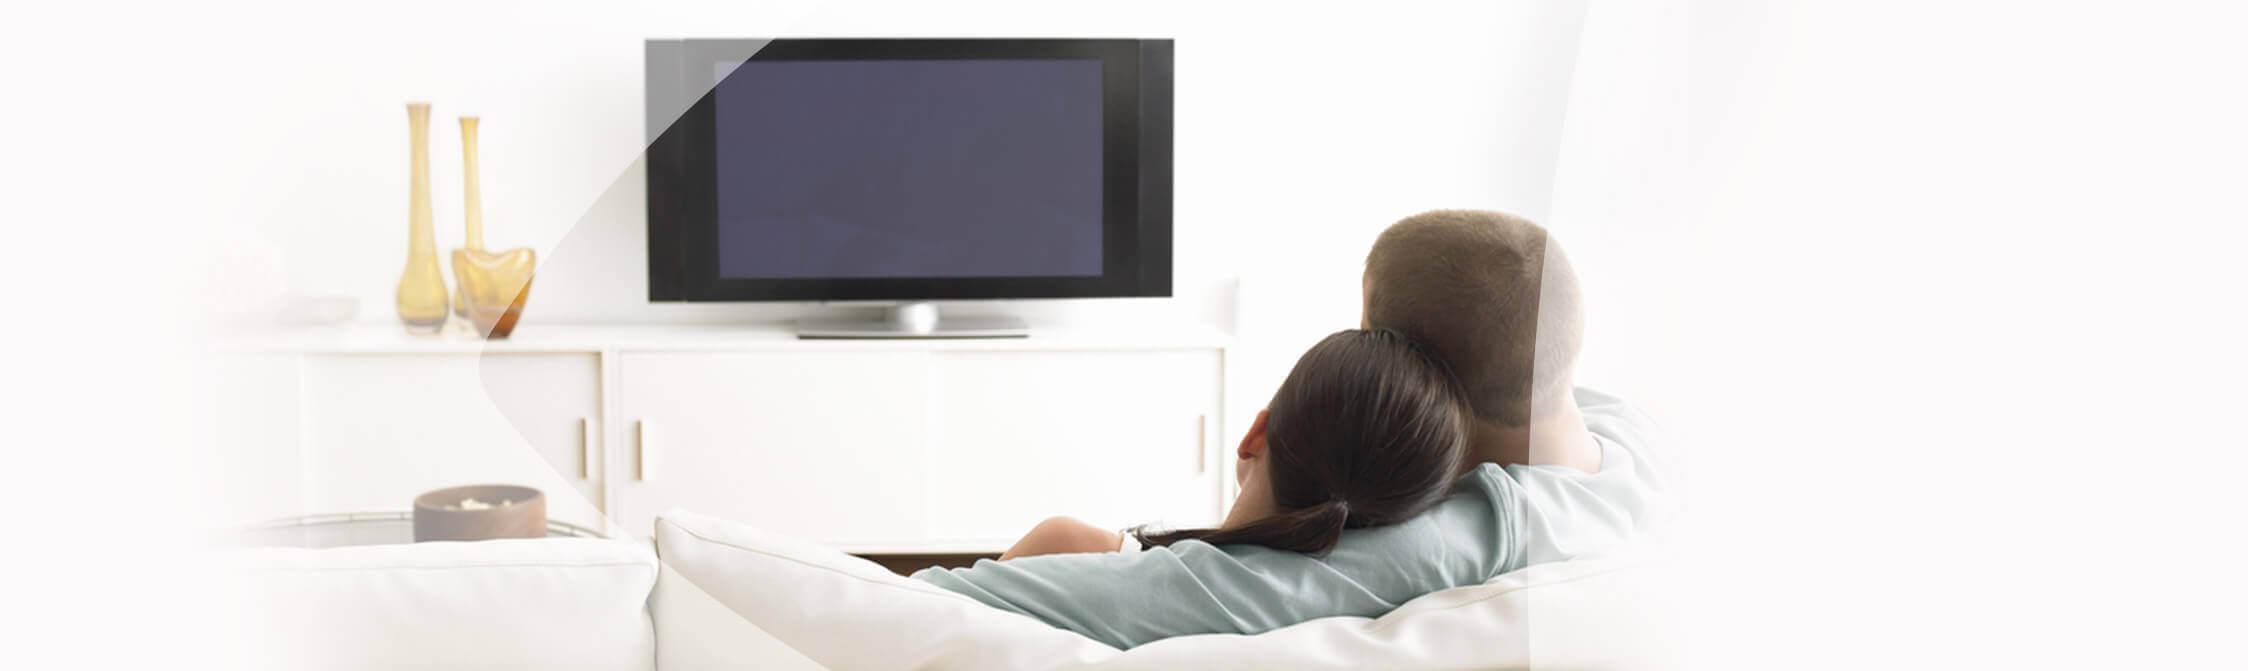 Koppeltje zit op de sofa en kijk tv